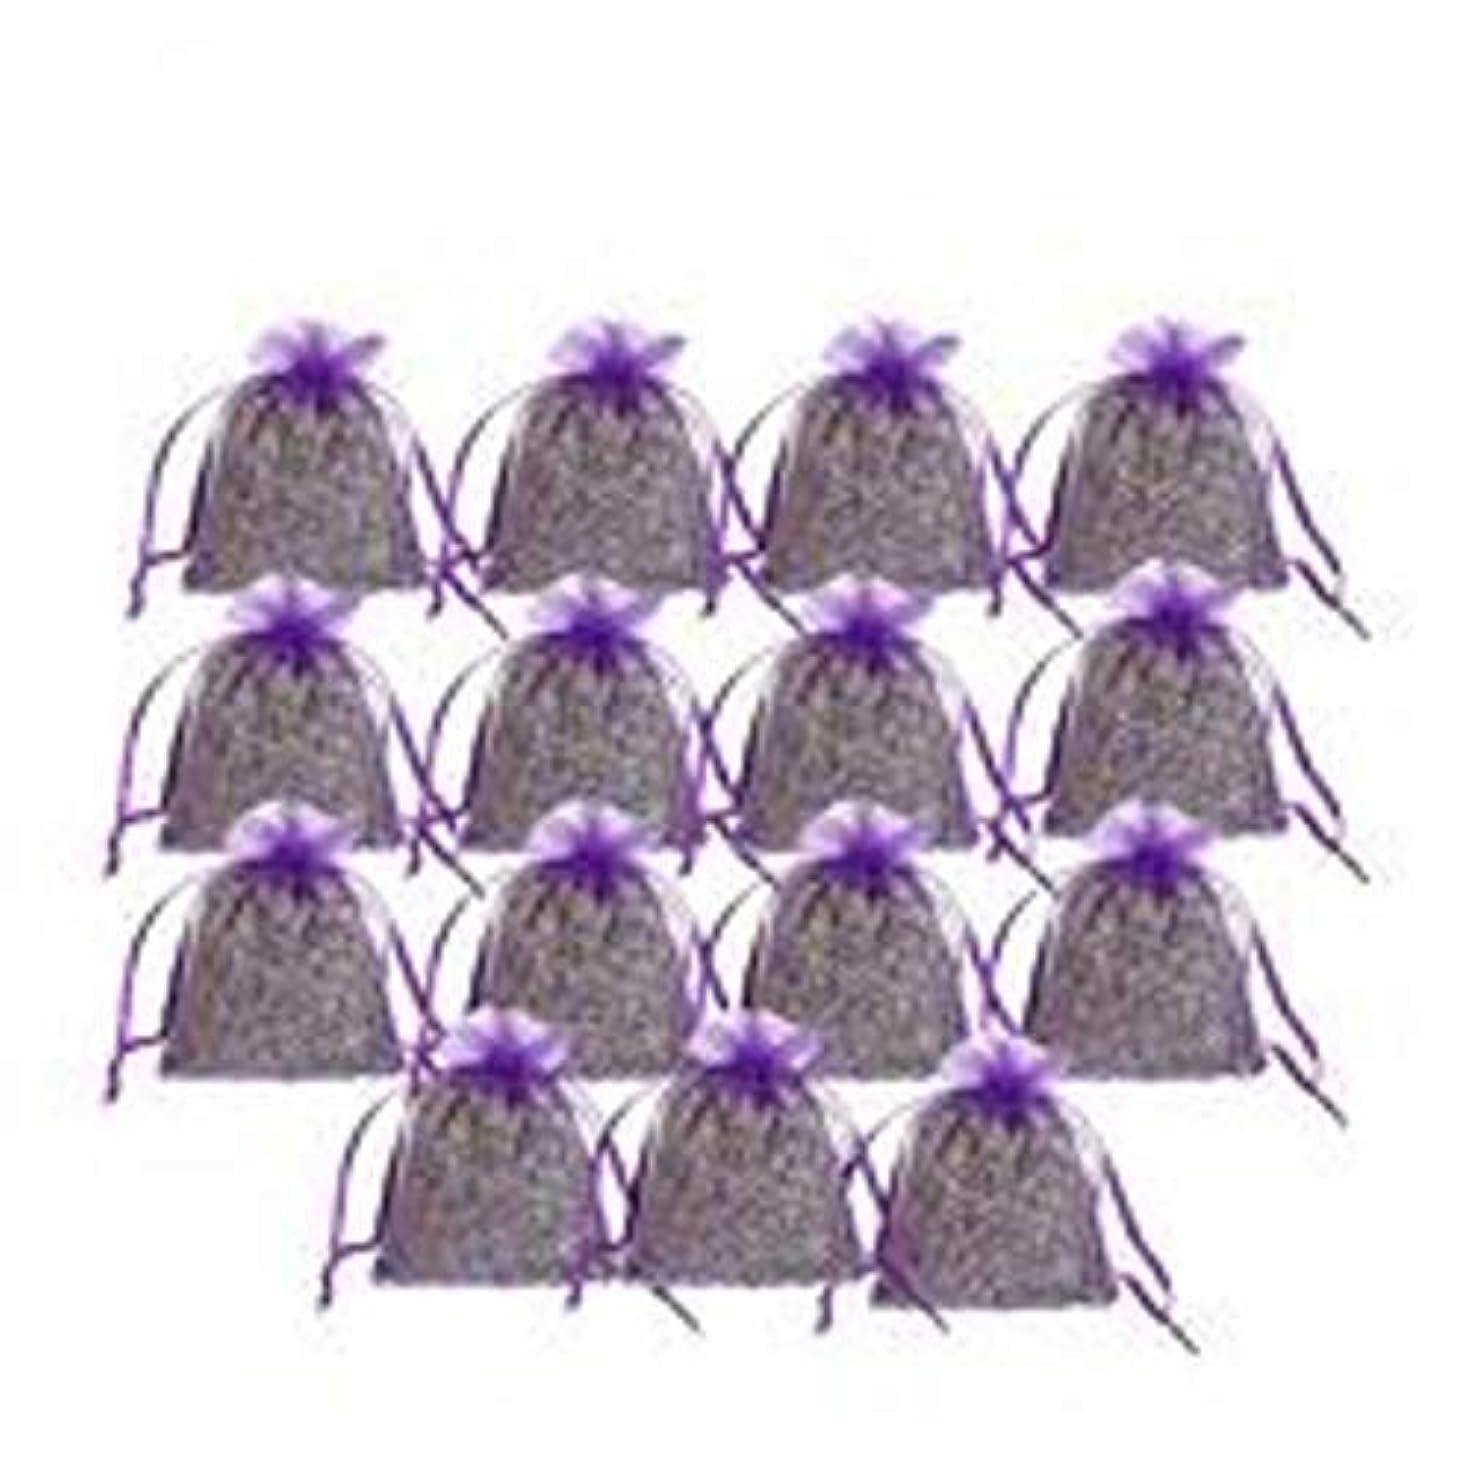 遵守するメリー露出度の高い部屋飾りの香り袋 香り消臭サシェ クローゼットやワードローブ用の家庭用小袋は、ワードローブを開いたときにあなたに優しい経験を与える